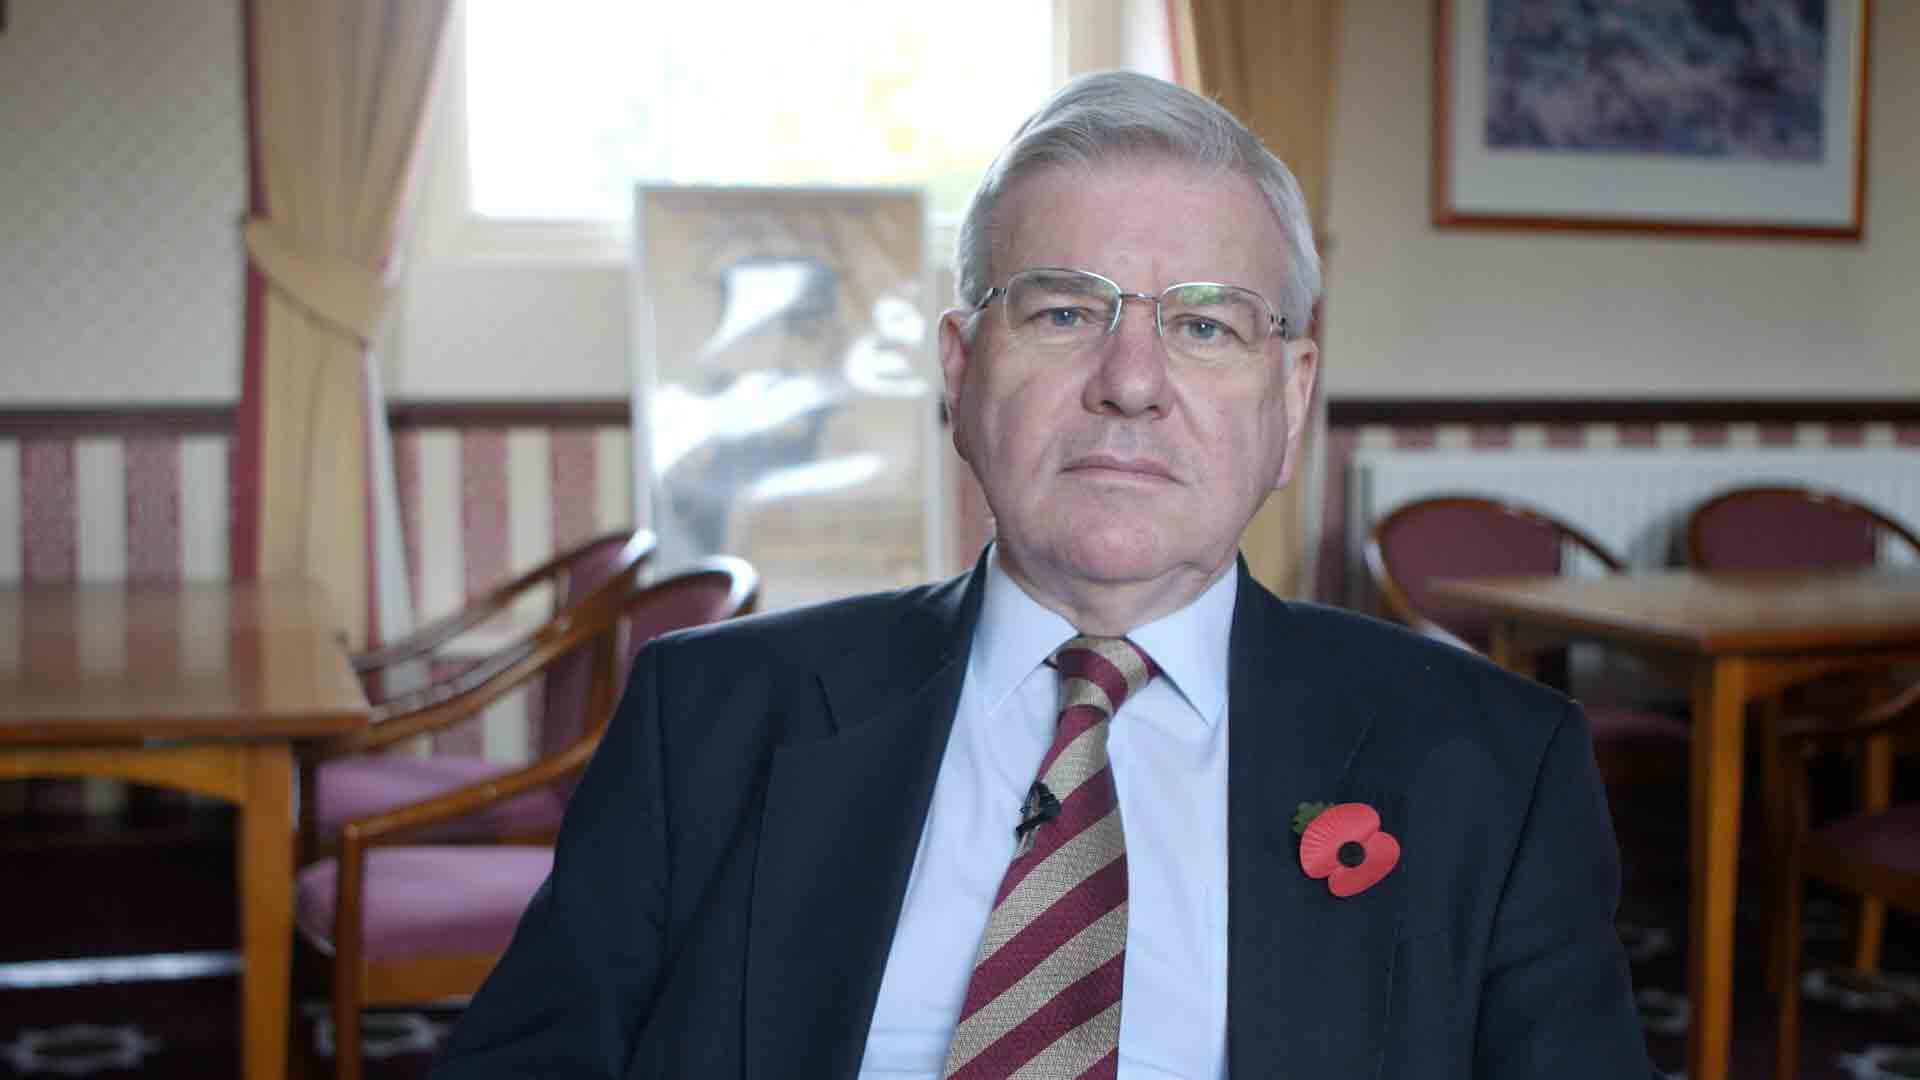 Eddie Pickering